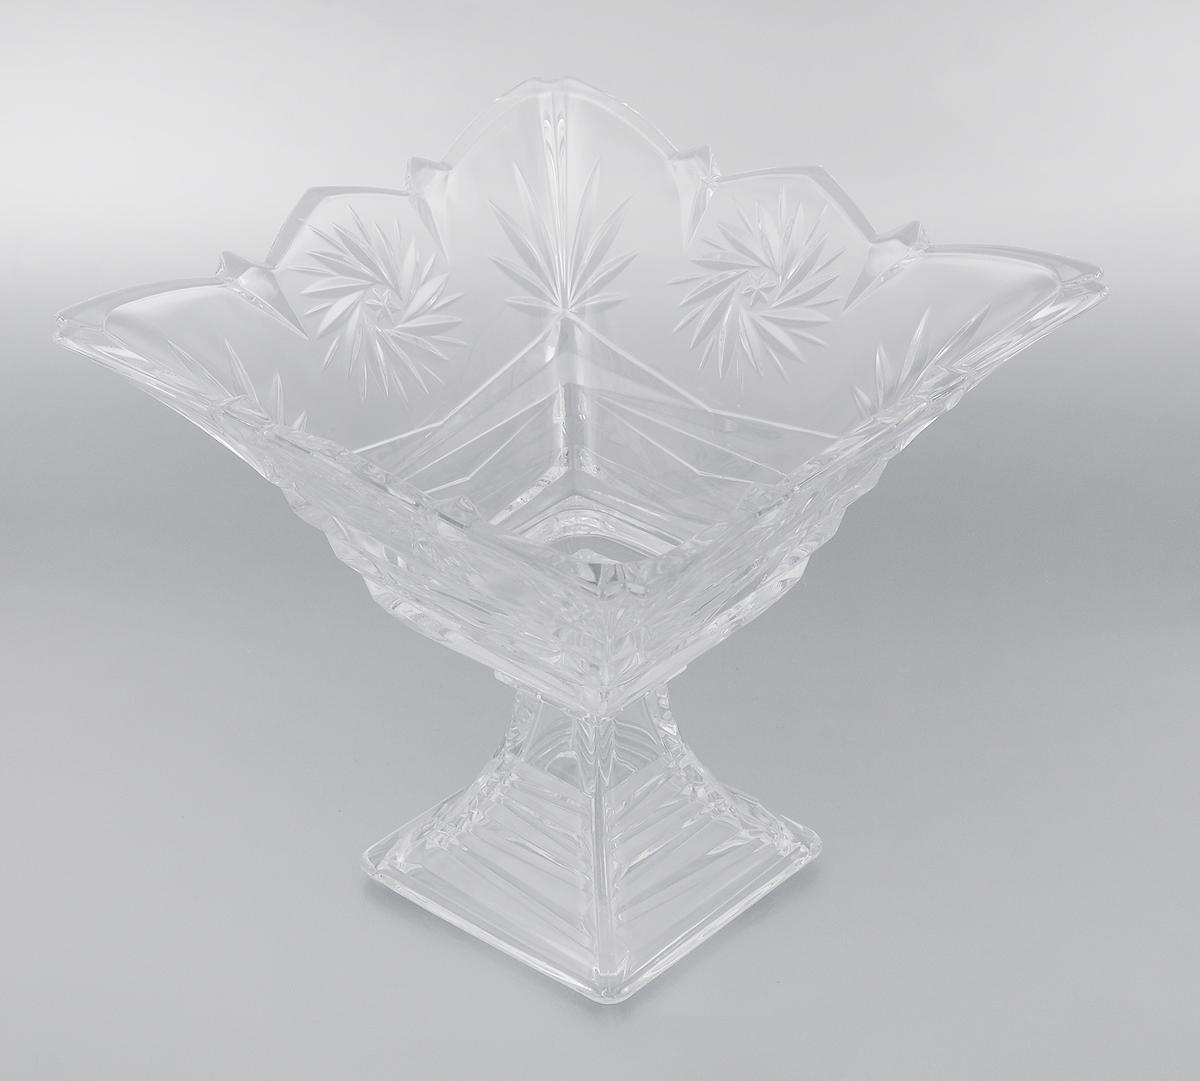 Конфетница на ножке Soga Picasso, 24 х 24 смZ4285WЭлегантная конфетница Soga Picasso на ножке, изготовленная из прочного стекла, имеет многогранную рельефную поверхность. Конфетница предназначена для красивой сервировки сладостей. Изделие придется по вкусу и ценителям классики, и тем, кто предпочитает утонченность и изящность. Конфетница Soga Picasso украсит сервировку вашего стола и подчеркнет прекрасный вкус хозяина, а также станет отличным подарком. Можно мыть в посудомоечной машине. Размер по верхнему краю: 24 х 24 см. Высота: 21,5 см.